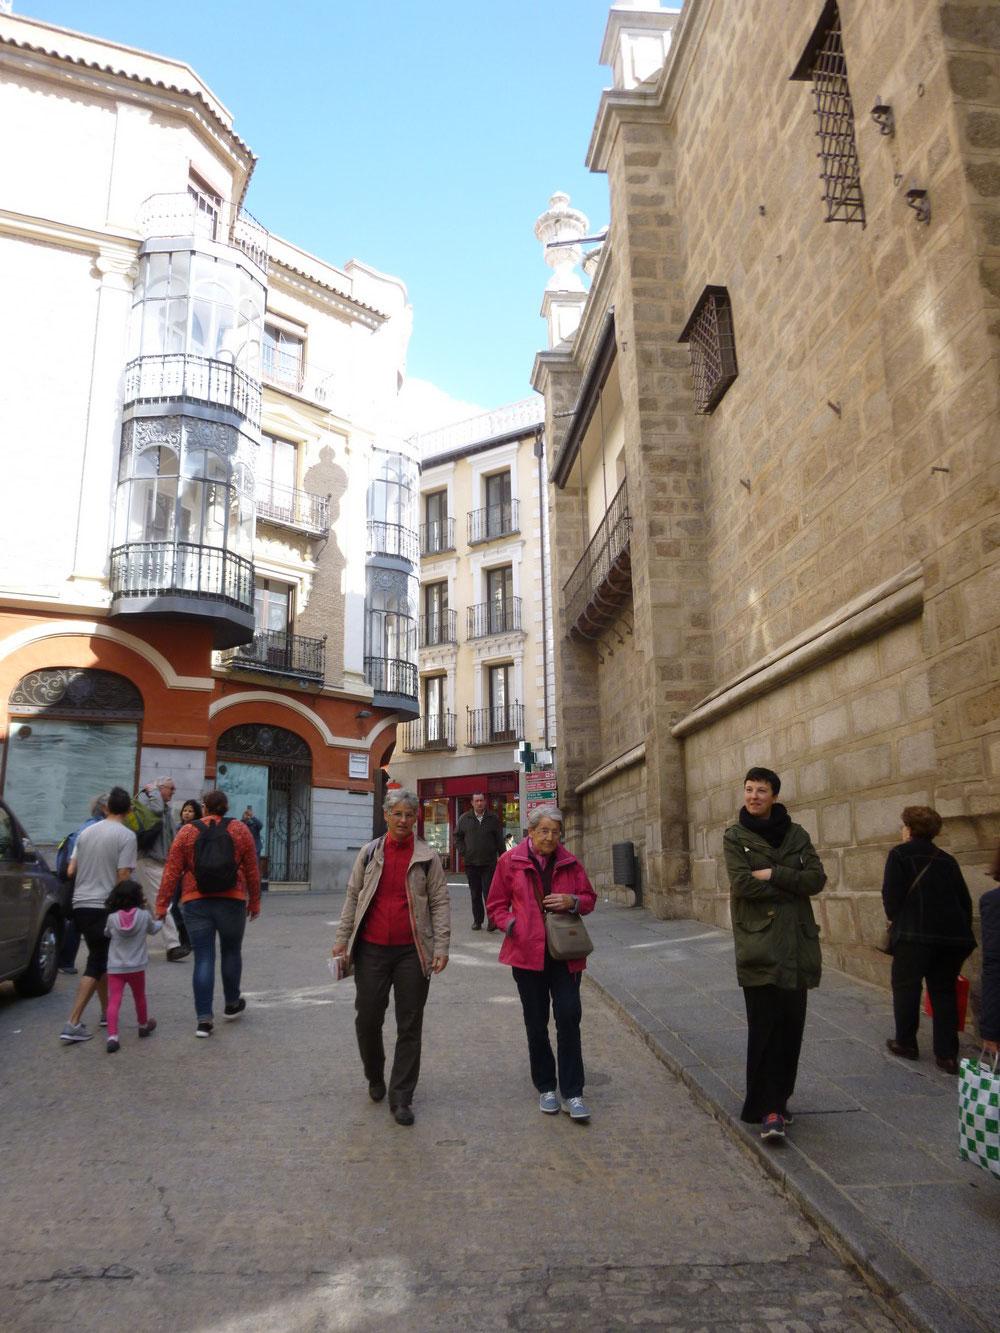 Arrivée à la cathédrale de Tolède